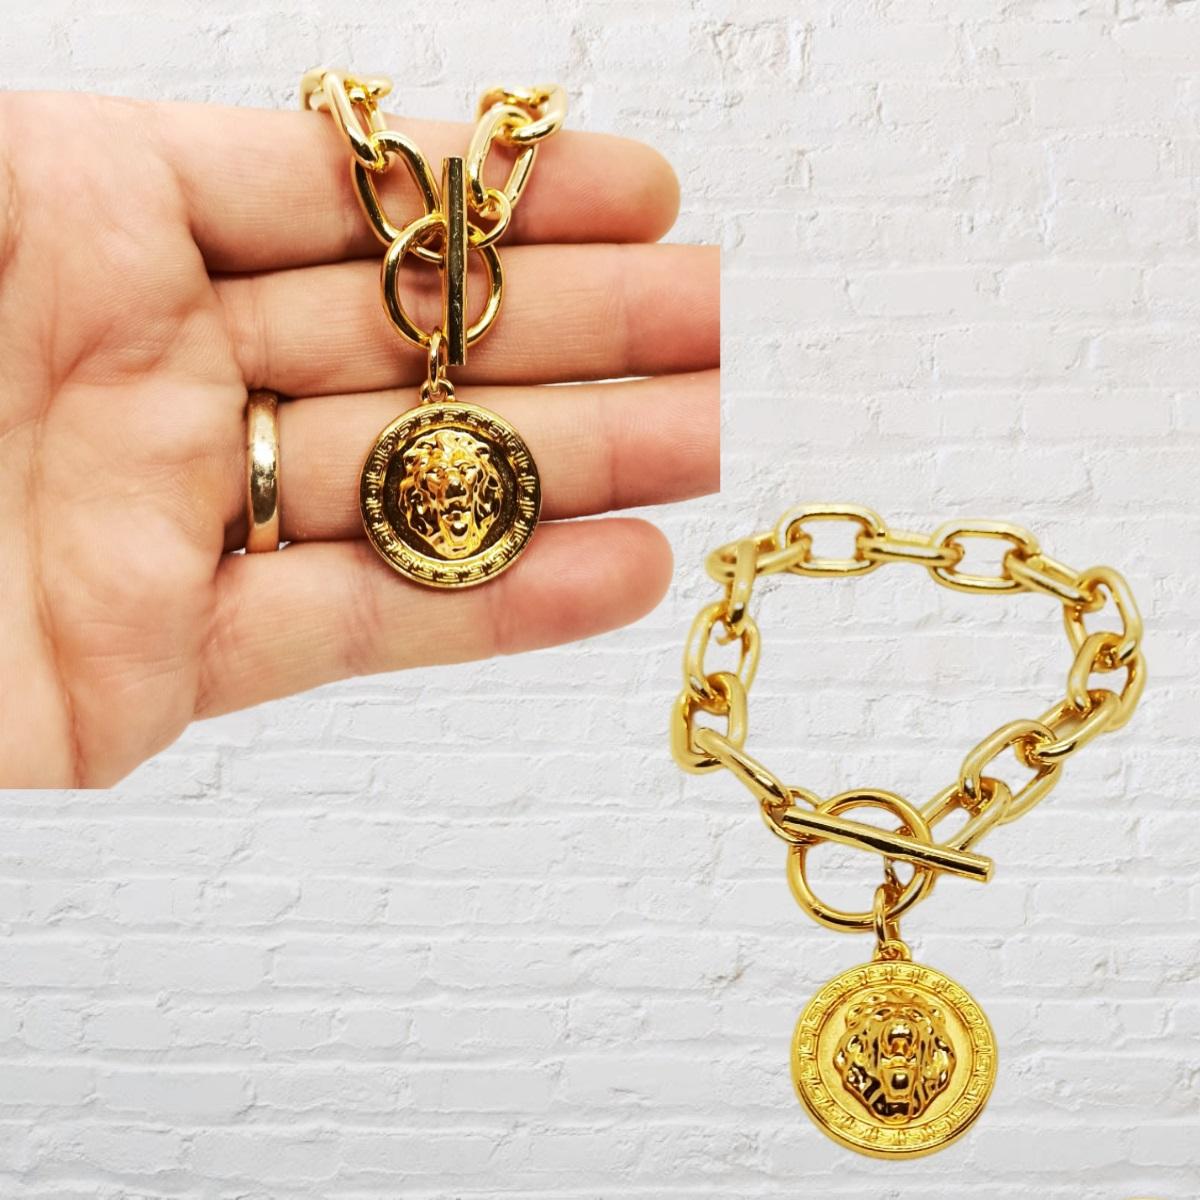 Pulseira Medalha de Leão, Elos Grandes, Dourada.